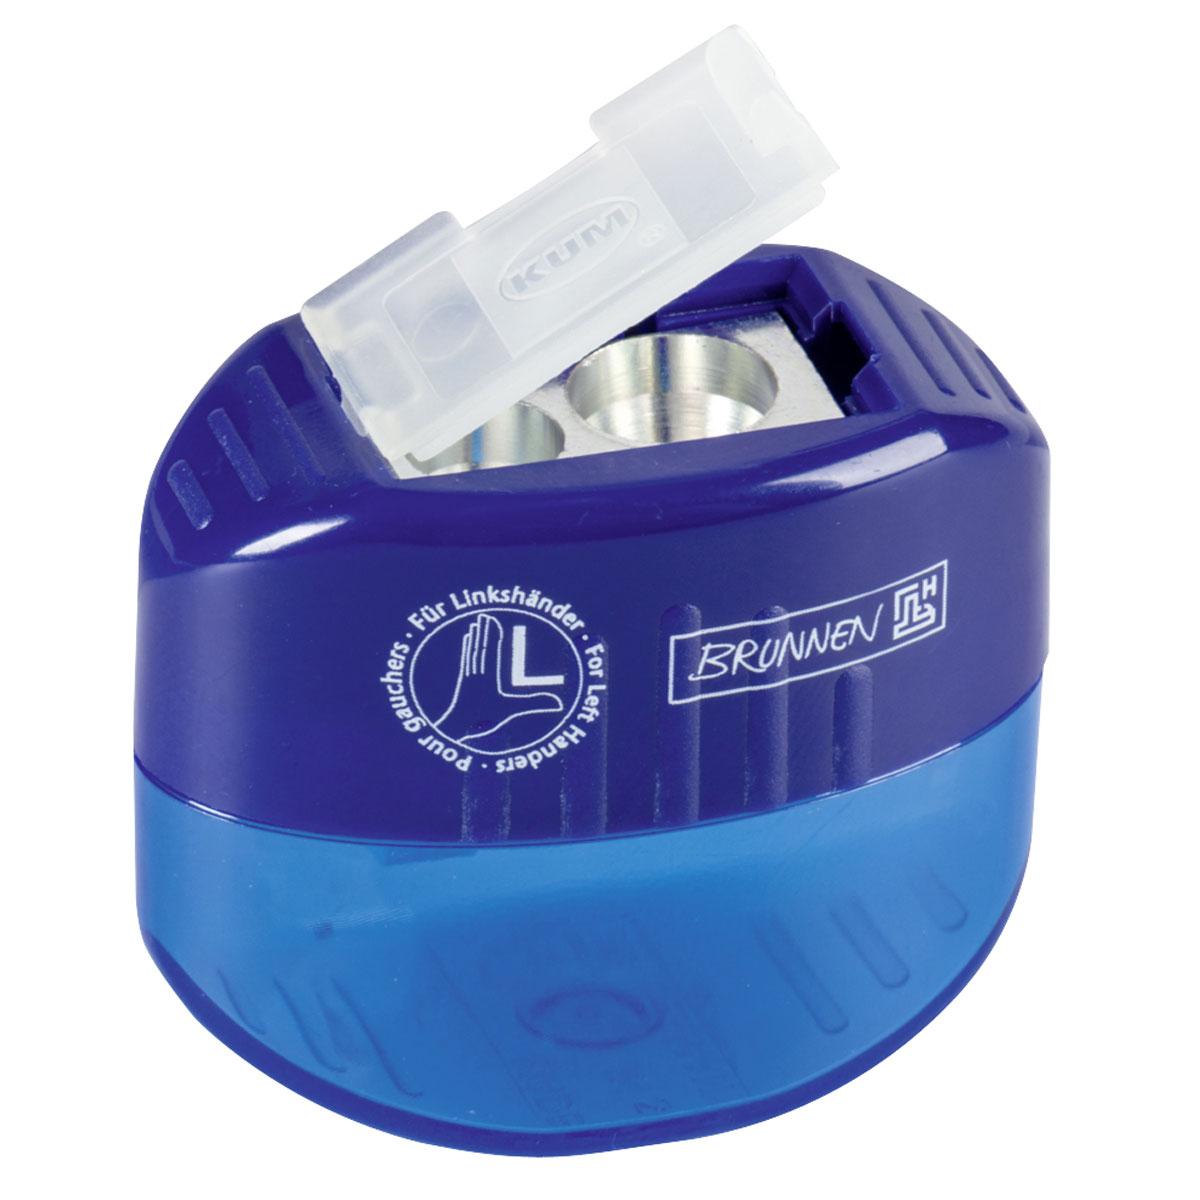 Brunnen Точилка двойная, для левшей, цвет: синий72523WDТочилка двойная для левшей, выполнена из прочного пластика.В точилке имеются два отверстия для карандашей разного диаметра, подходит для различных видов карандашей. Отверстия закрываются удобной пластиковой крышкой.Полупрозрачный контейнер для сбора стружки позволяет визуально контролировать уровень заполнения и вовремя производить очистку.